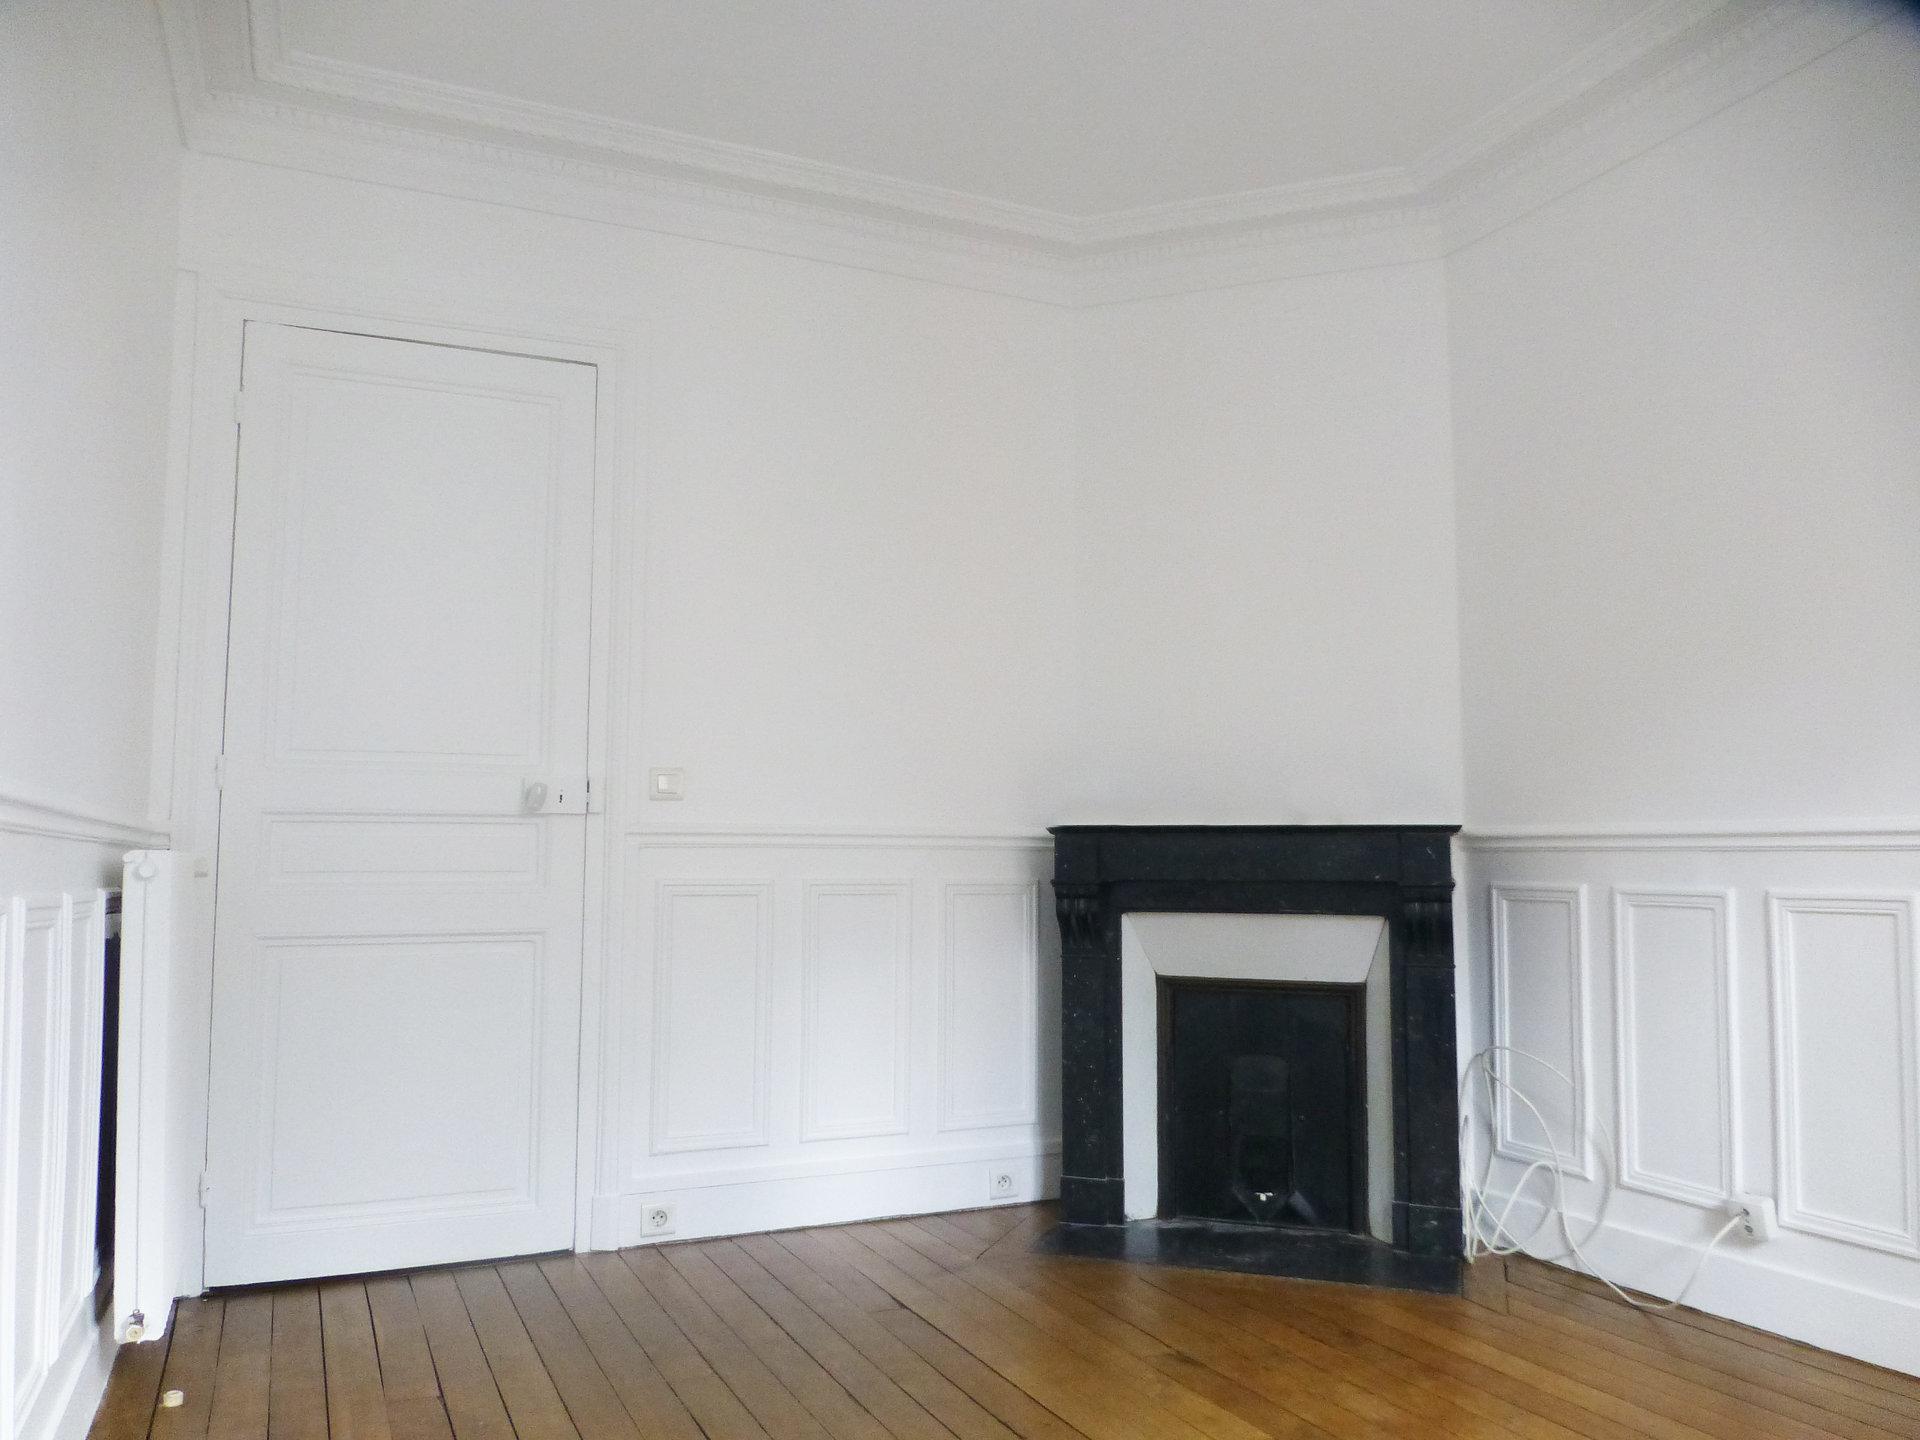 Appartement 3 pièces 54.42 m² 75016